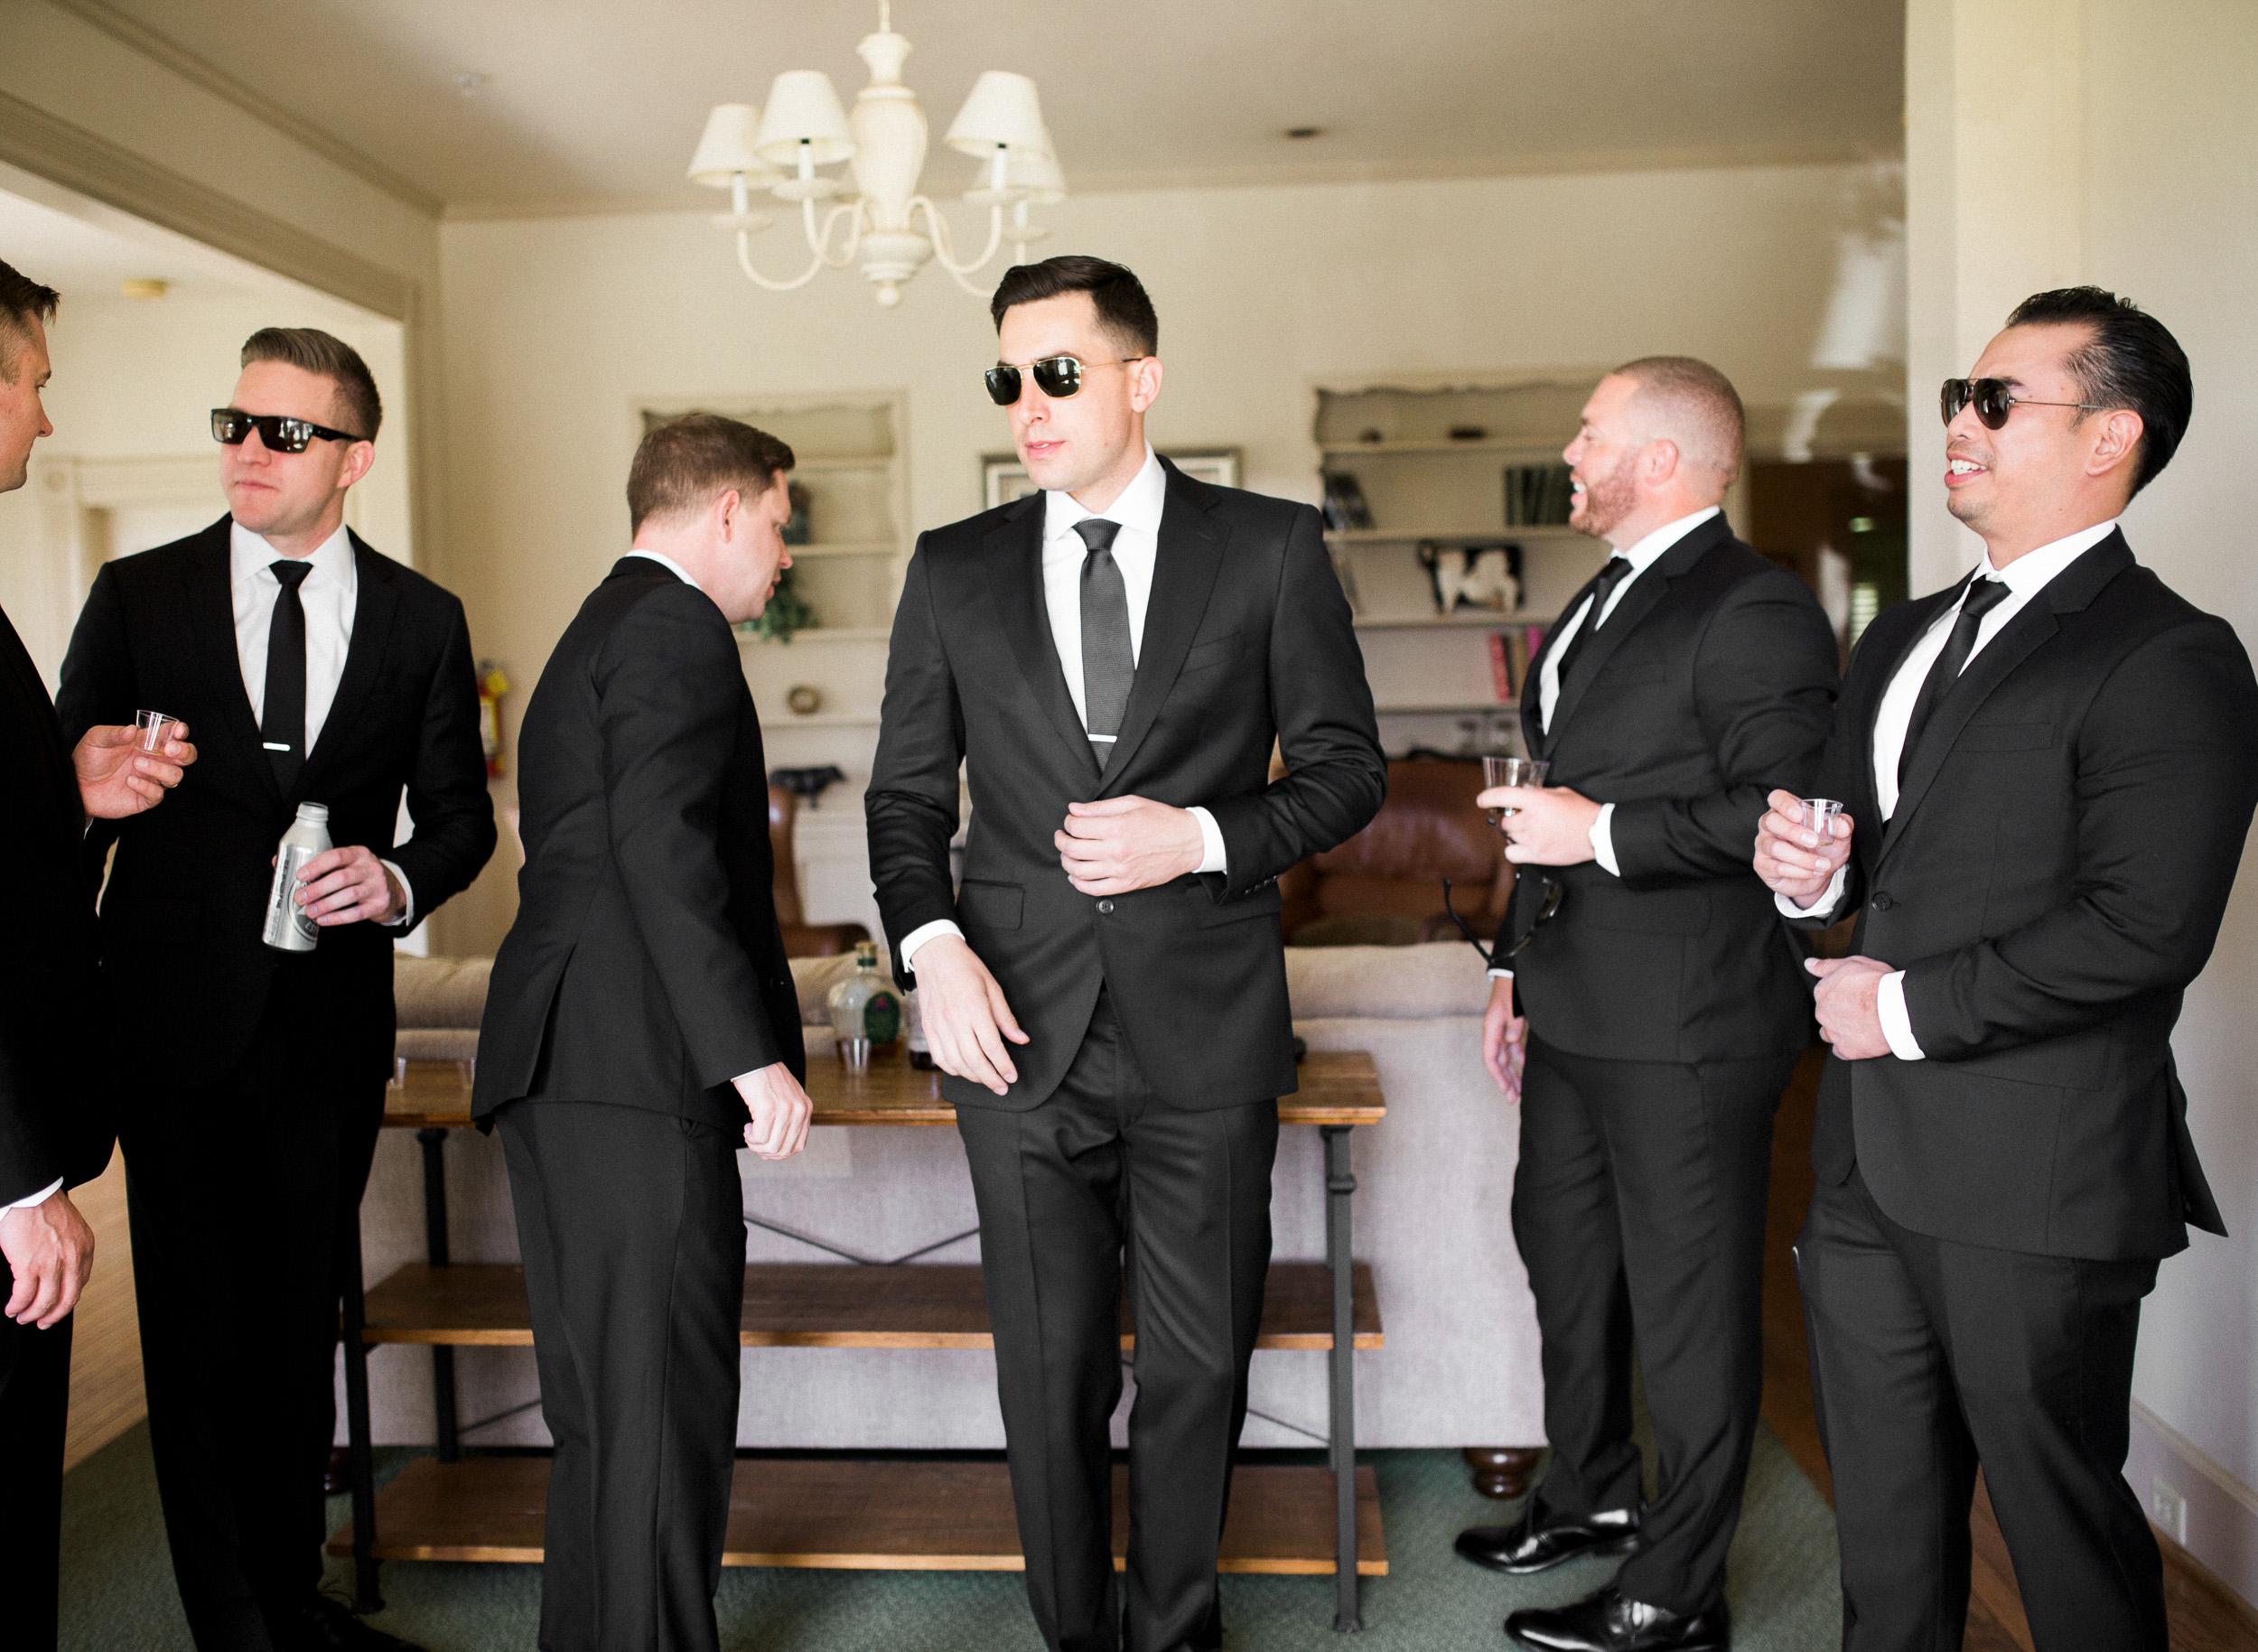 022carmel_california_destination_wedding_photography_wedding_videography_mission_ranch.jpg